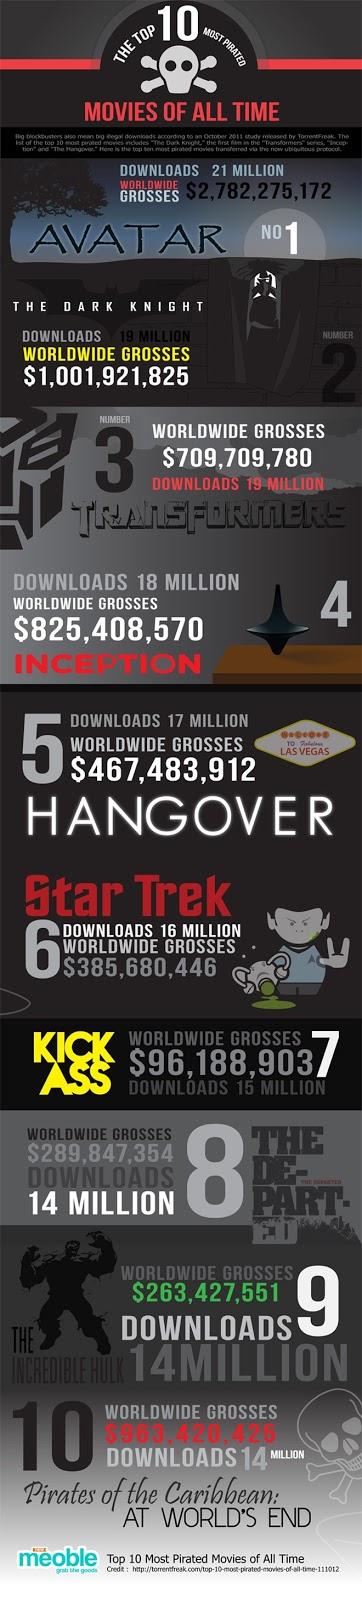 Las 10 películas más pirateadas